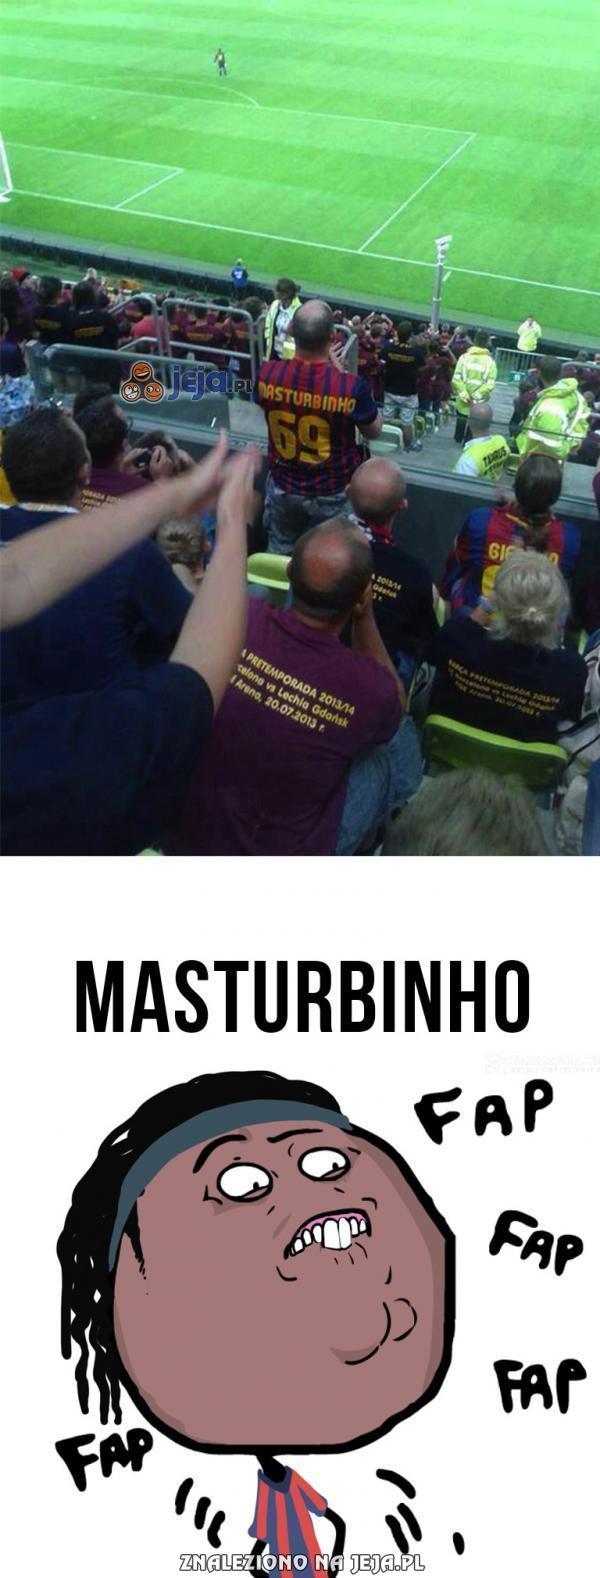 Masturbinho